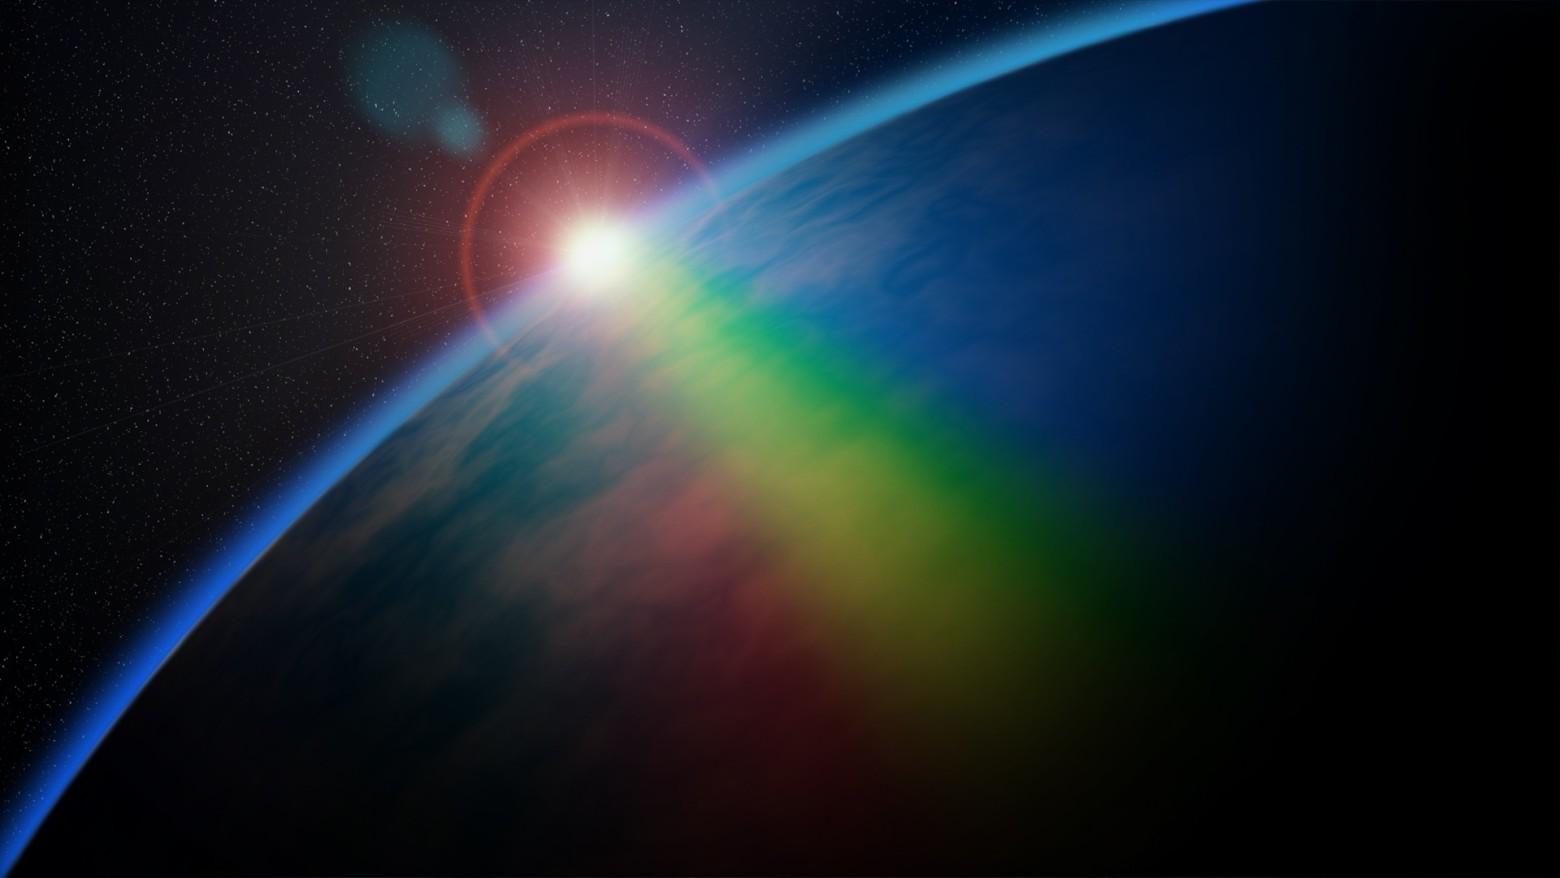 Un arc en ciel au dessus de la plan te terre photos - Image arc en ciel gratuite ...